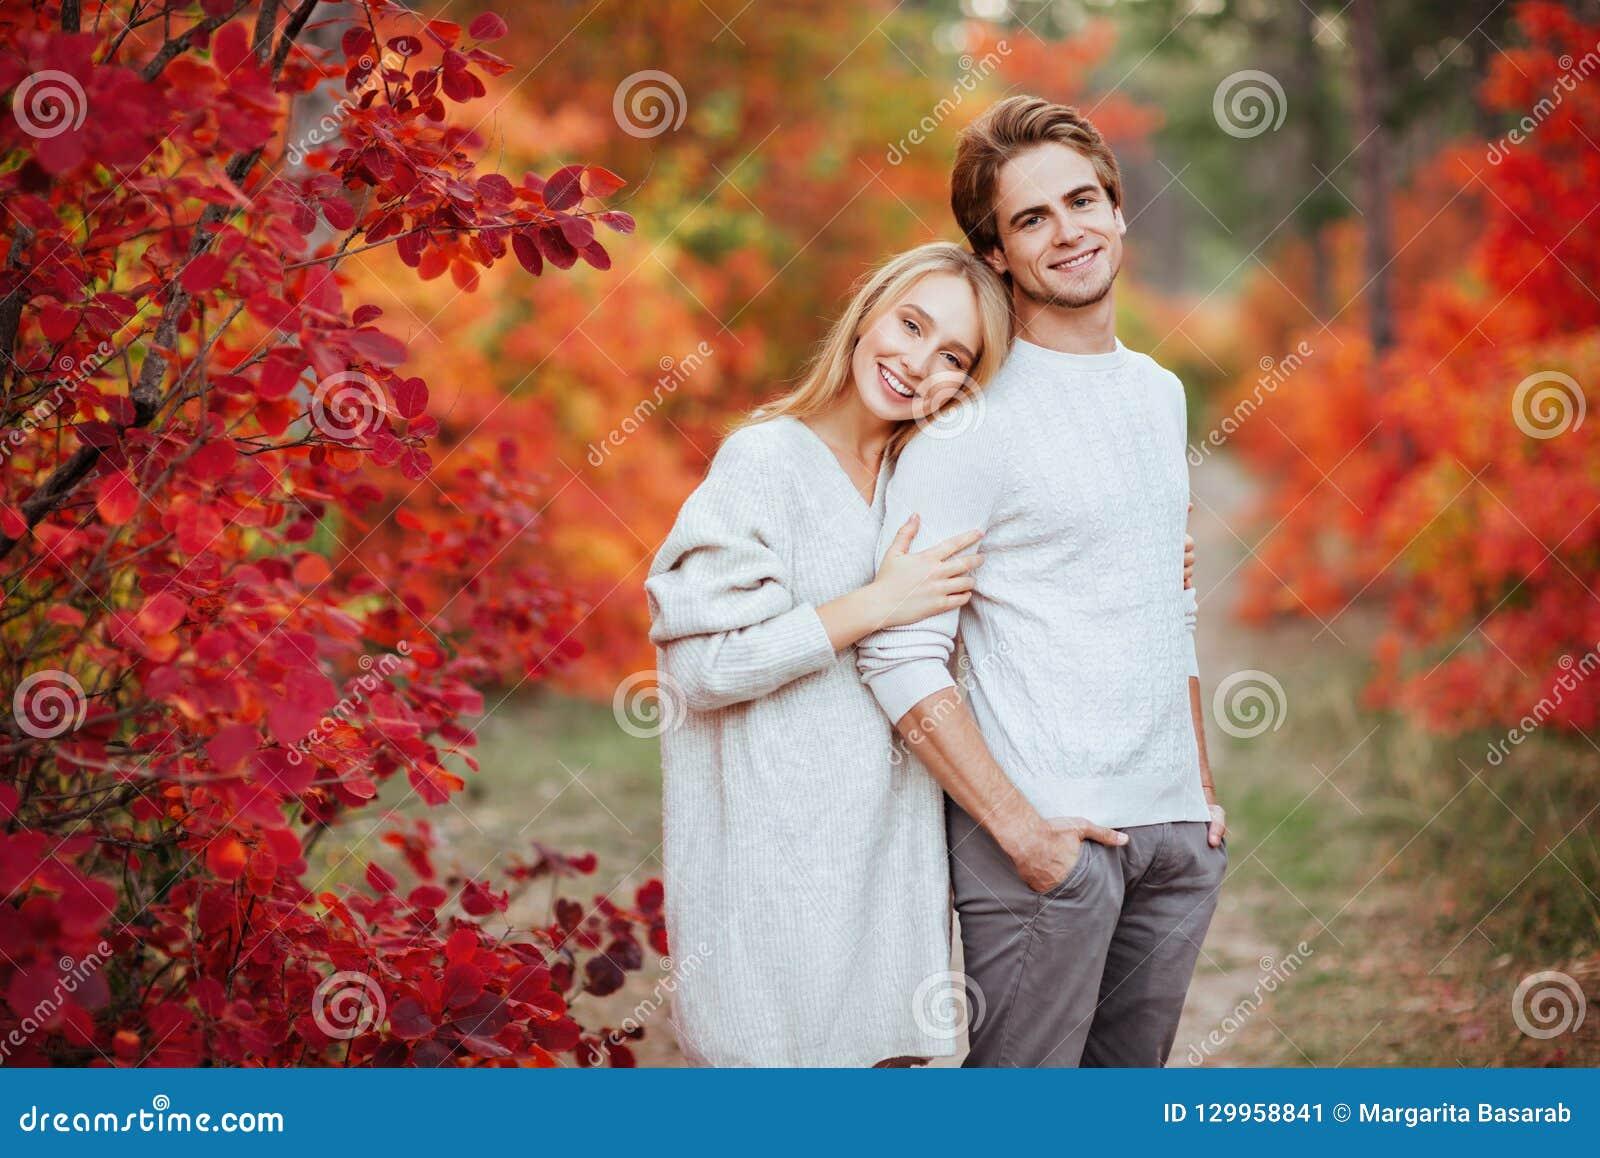 Αγαπώντας ζεύγος στο πάρκο φθινοπώρου